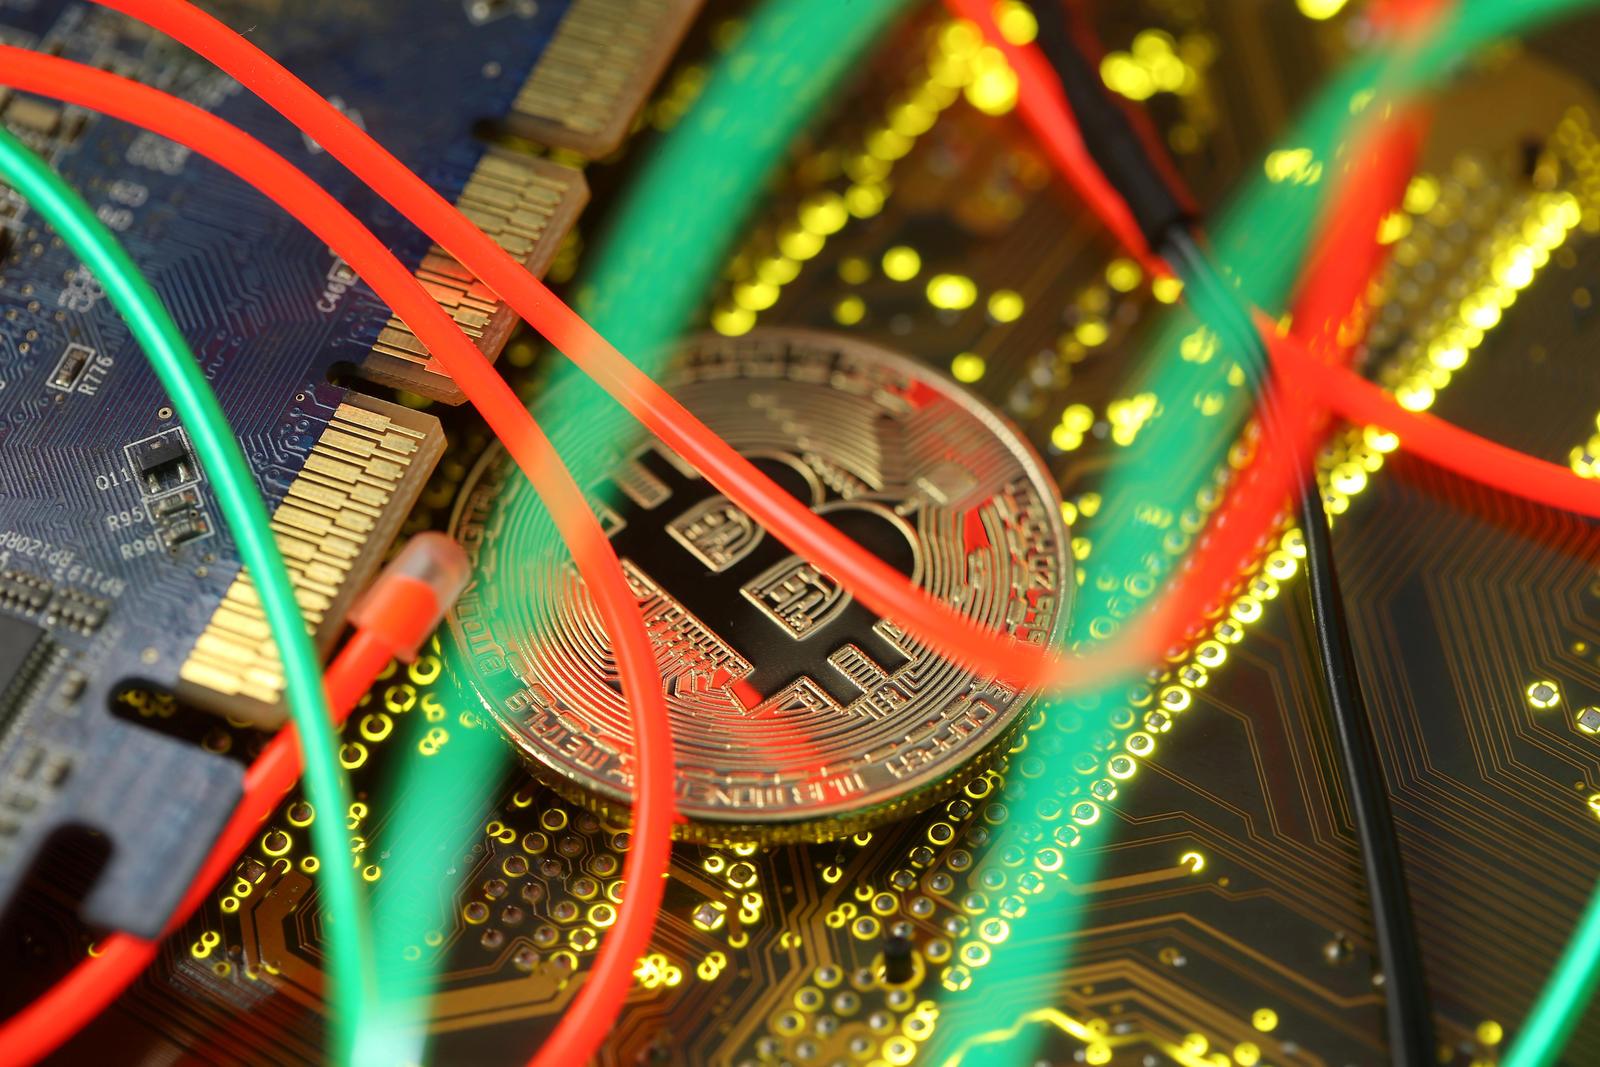 itv prekybininkas bitkoinais praktikuoti prekybos galimybes nemokamai